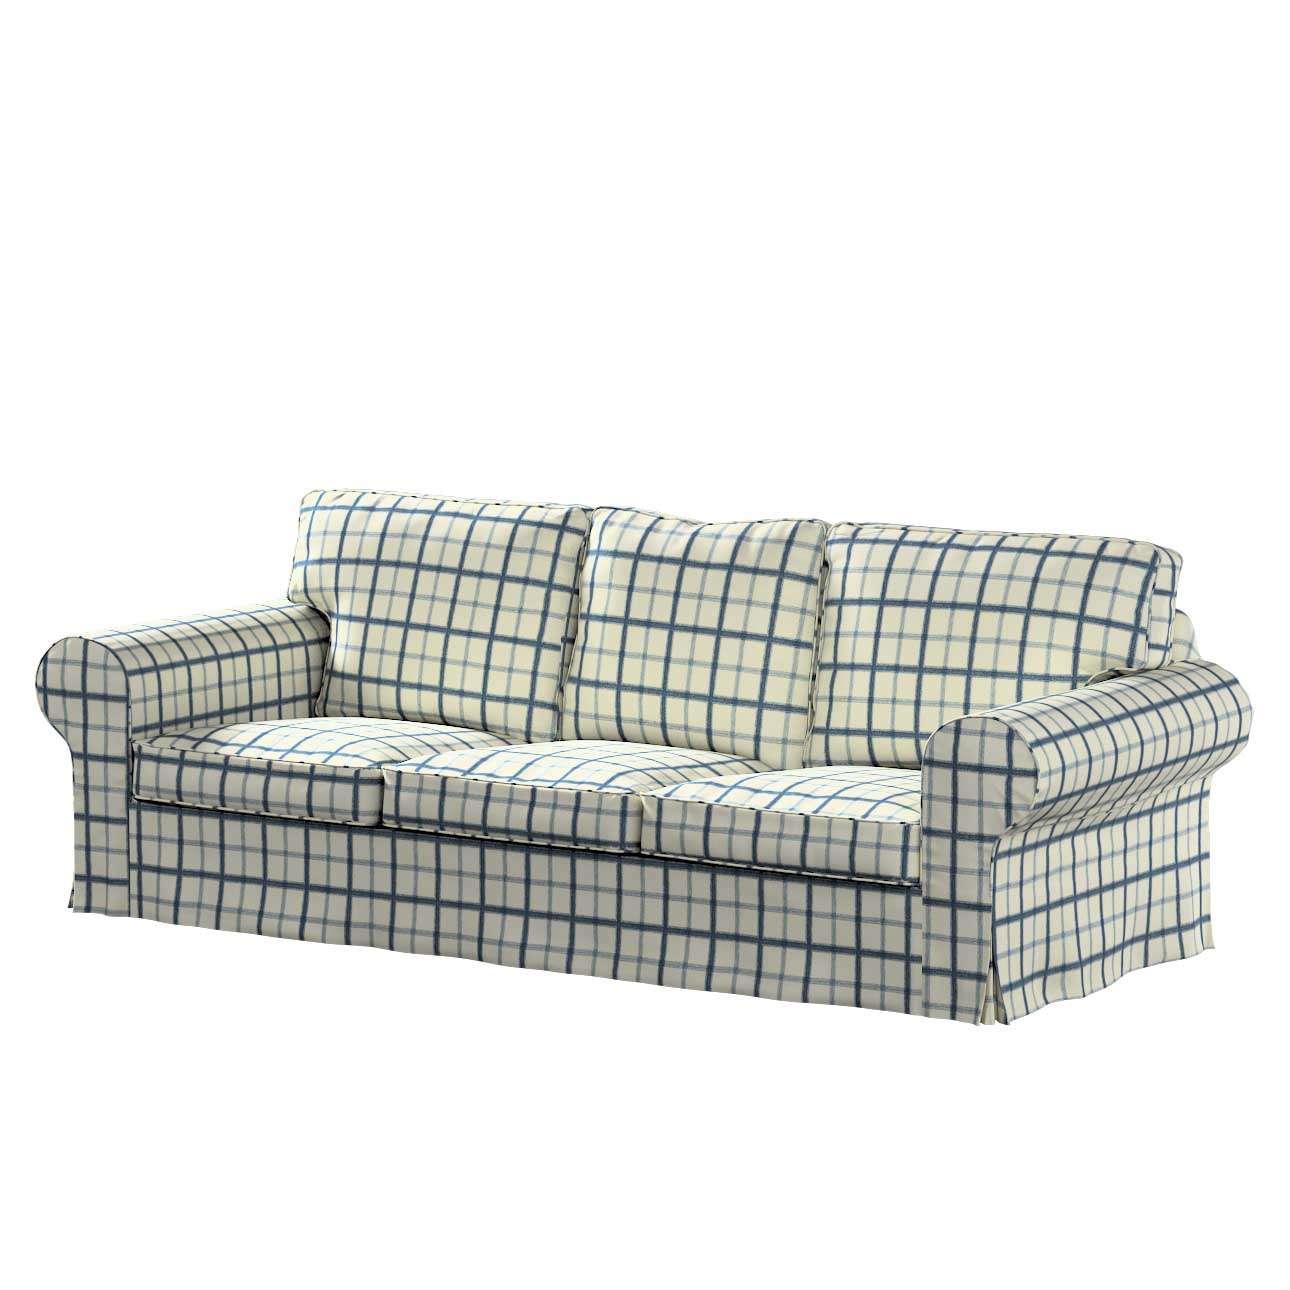 Pokrowiec na sofę Ektorp 3-osobową, rozkładaną NOWY MODEL 2013 w kolekcji Avinon, tkanina: 131-66